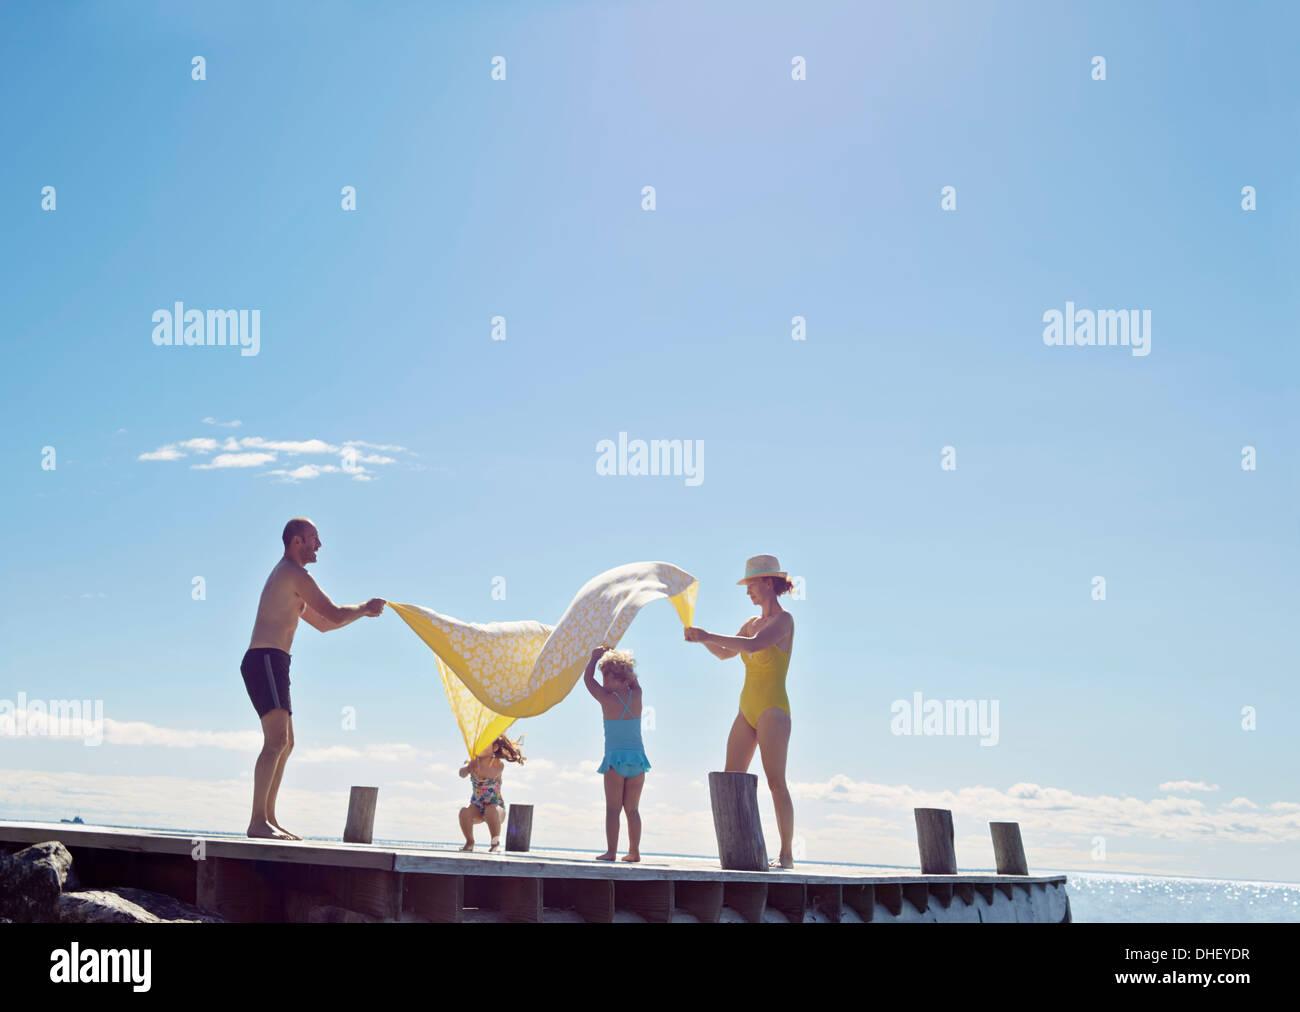 Jeune famille s'amusant sur pier, Utvalnas, Gavle, Suède Banque D'Images